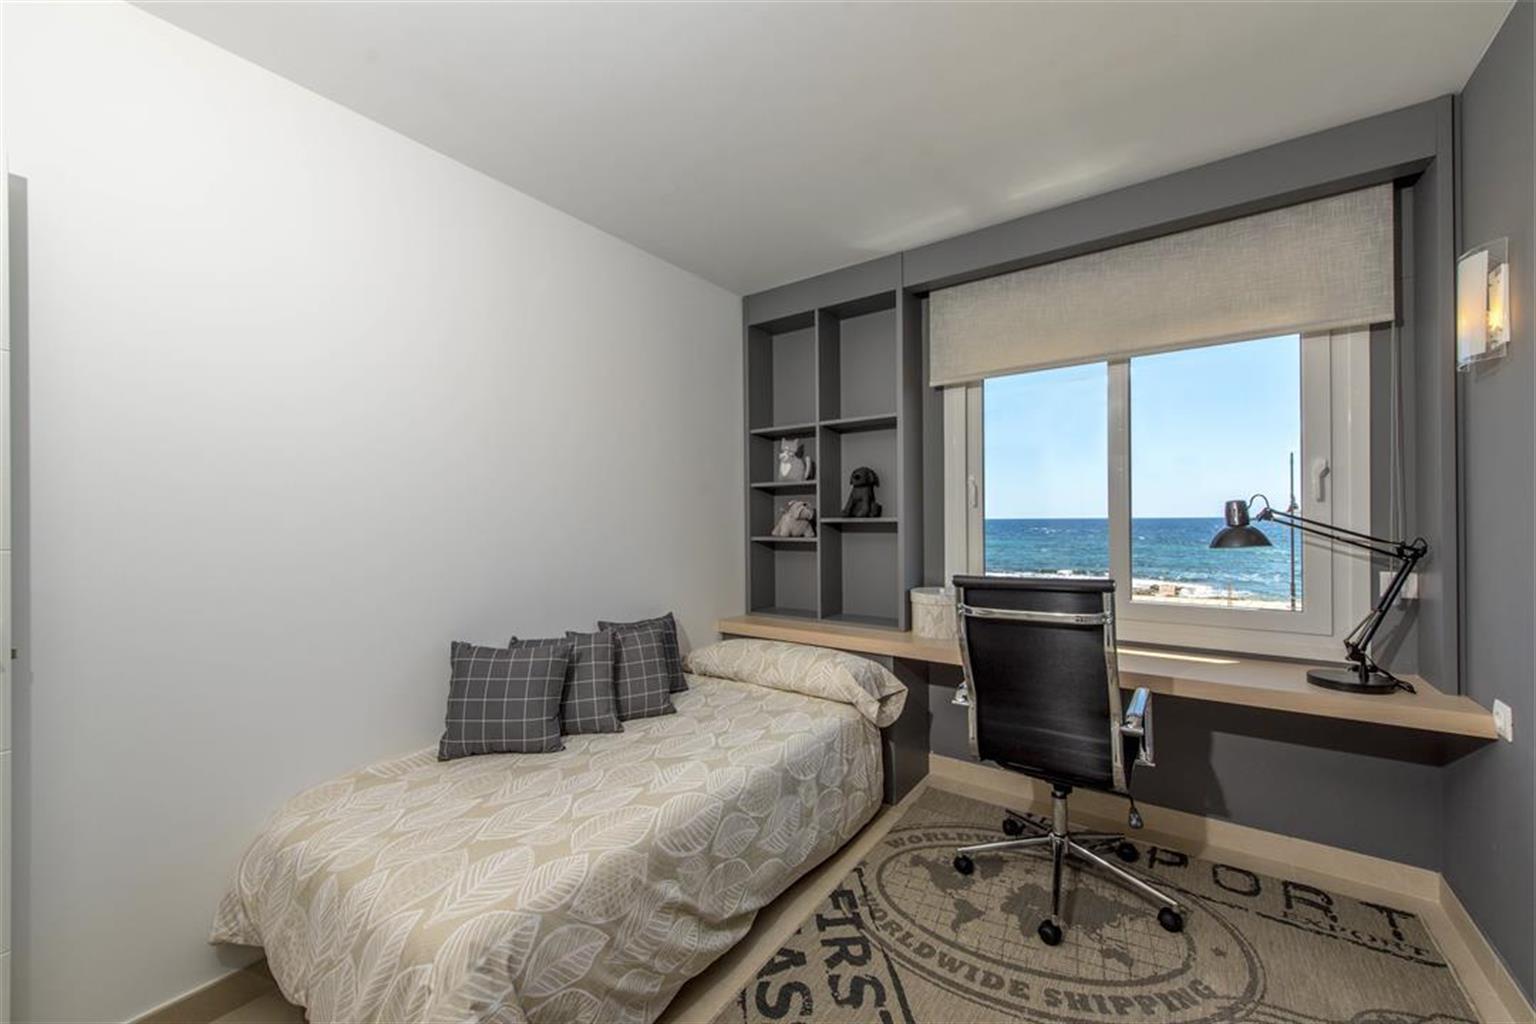 Appartement - Punta Prima - #4231445-13